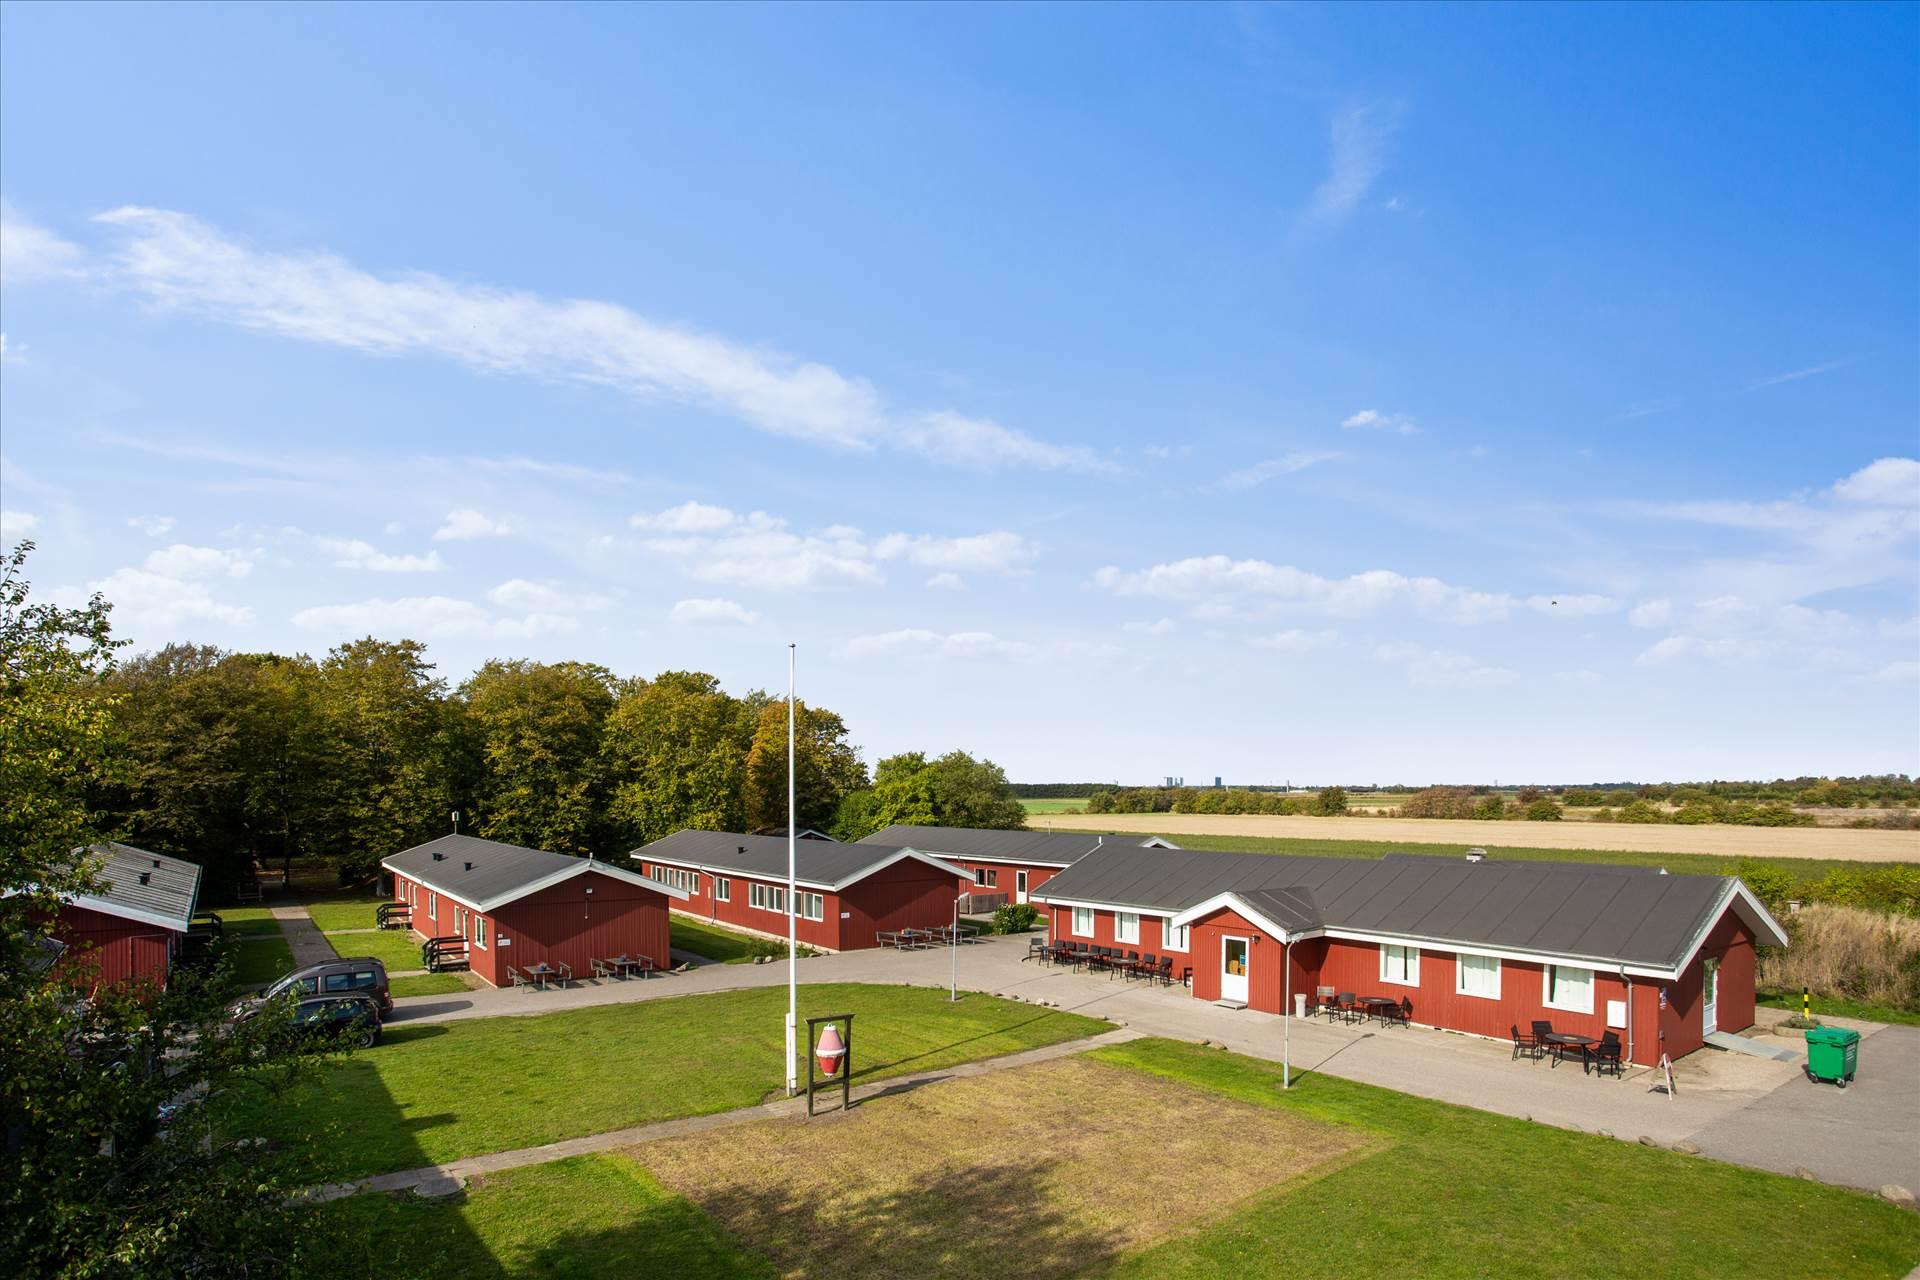 306 m² daginstitution • Dragør